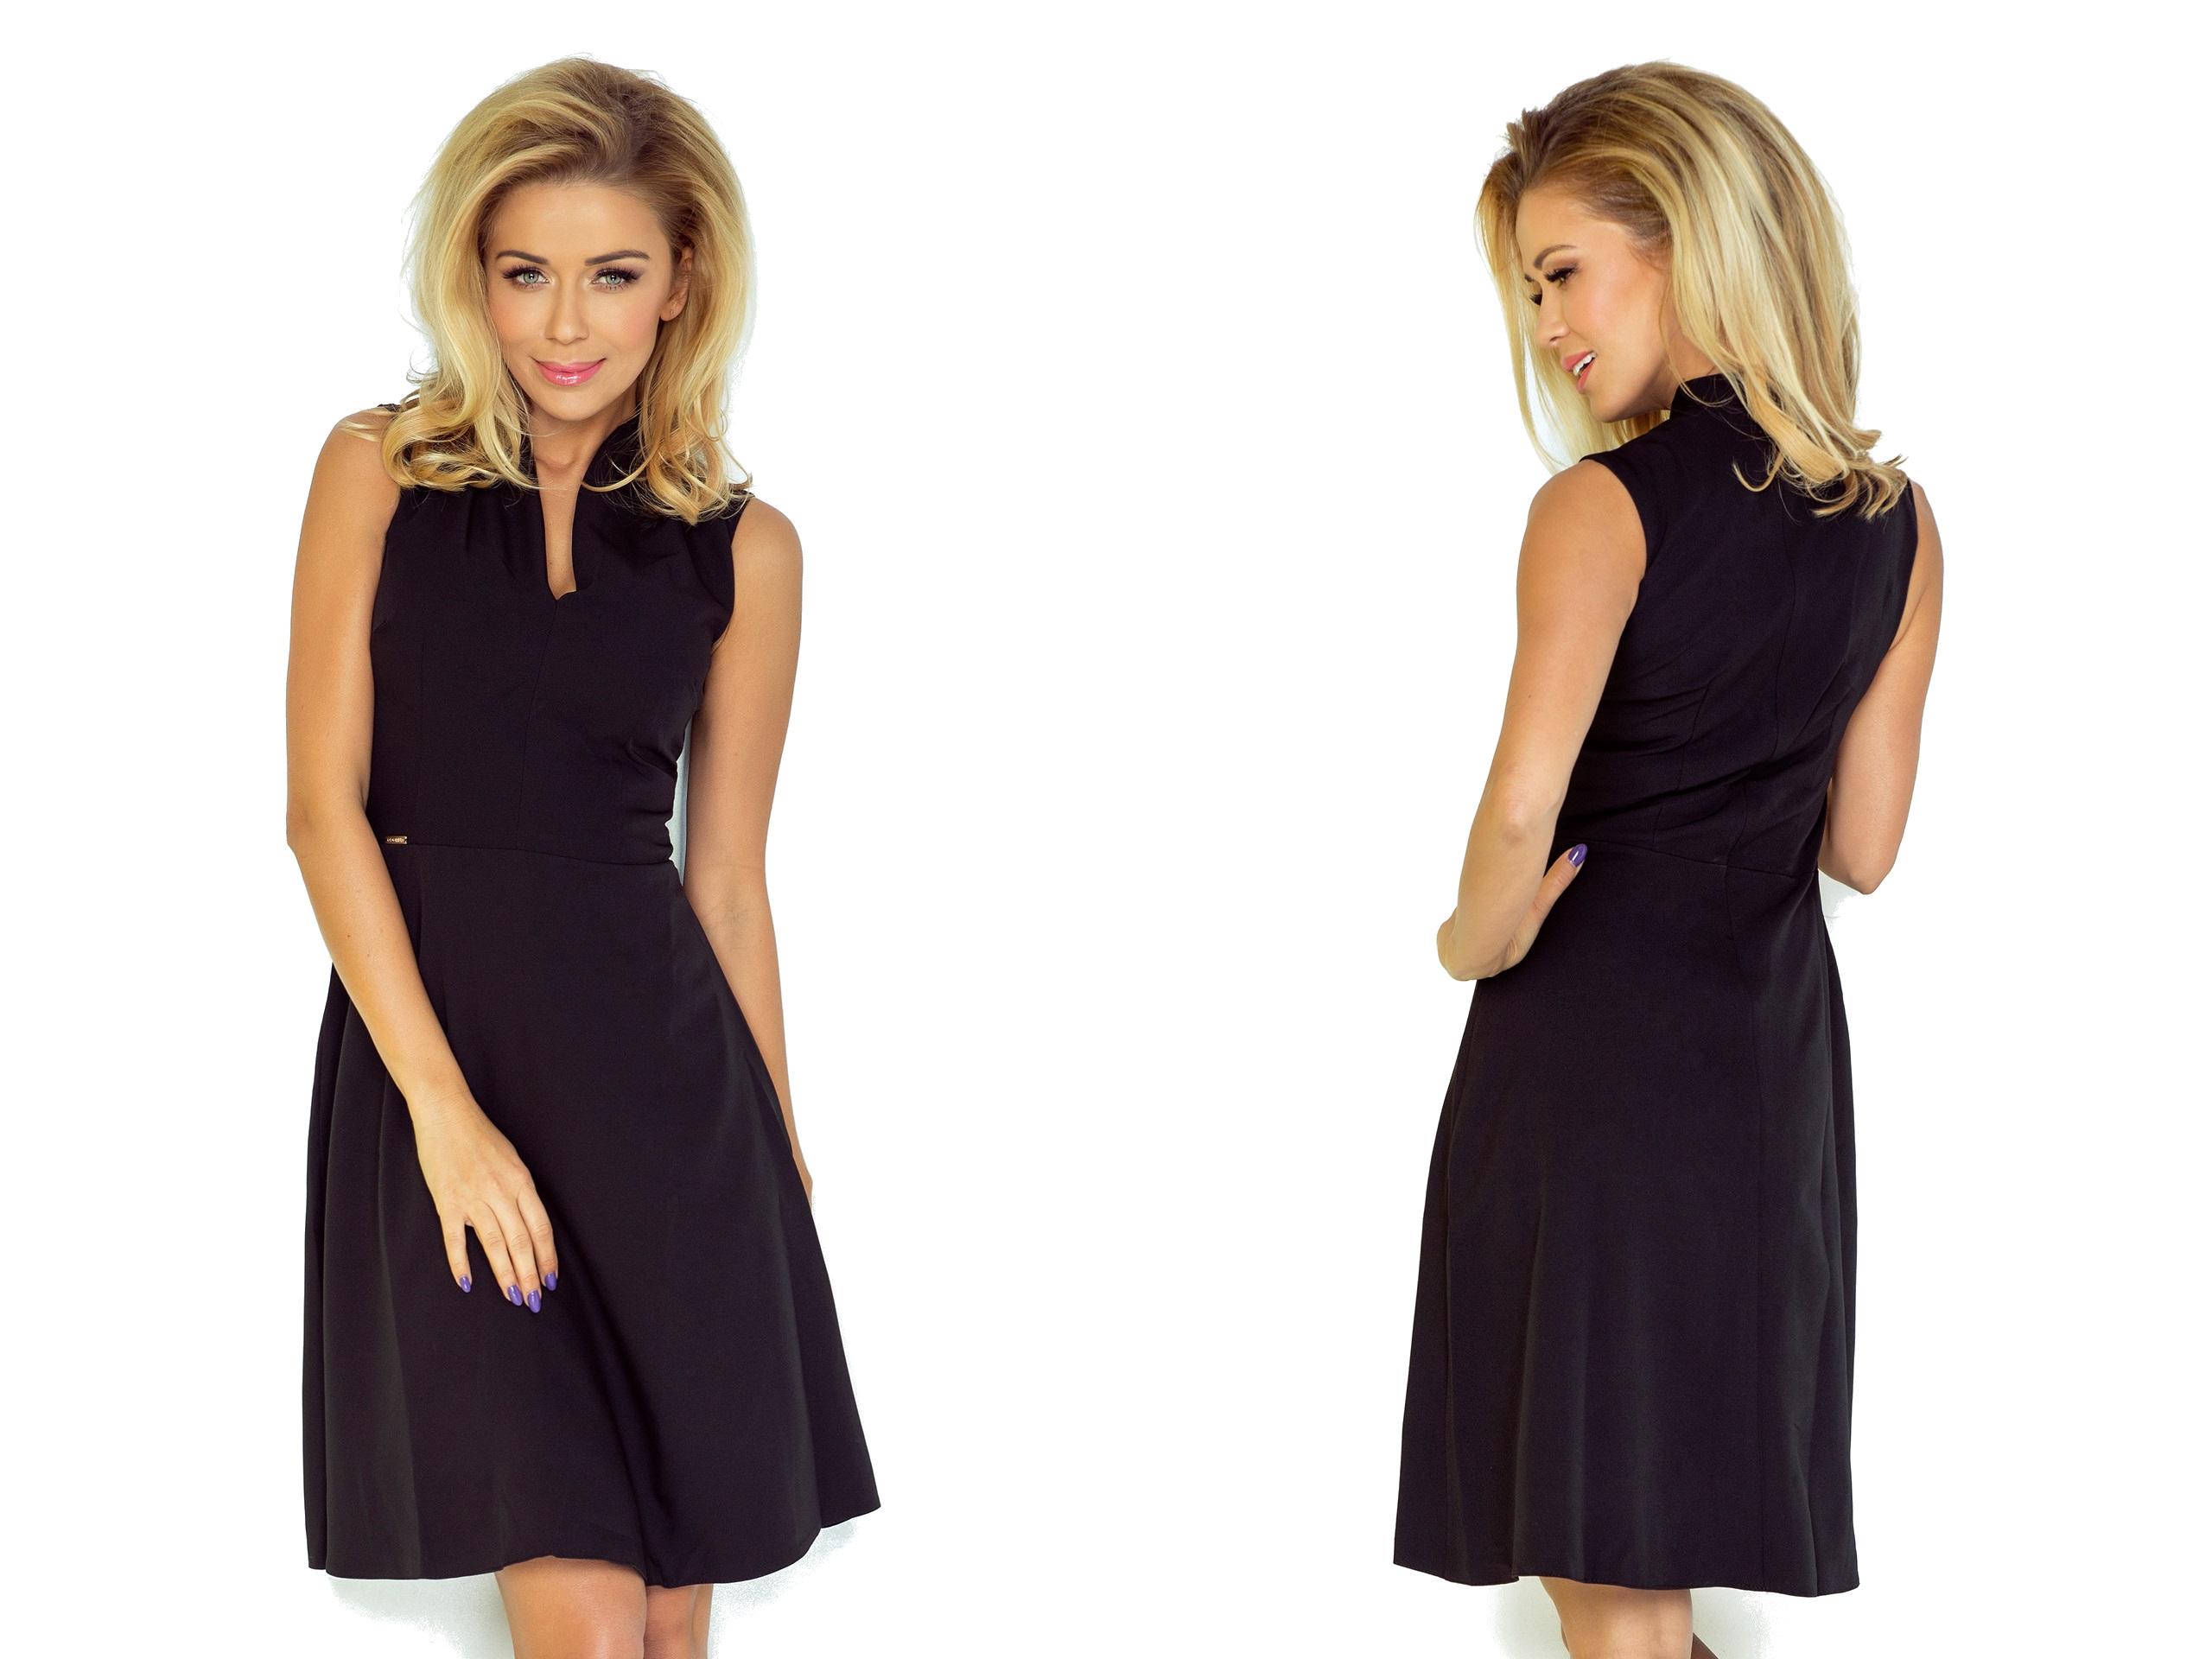 dd0409962a MODNA Czarna Sukienka NA KAŻDĄ OKAZJĘ 133-2 XL 42 - 7266216523 ...